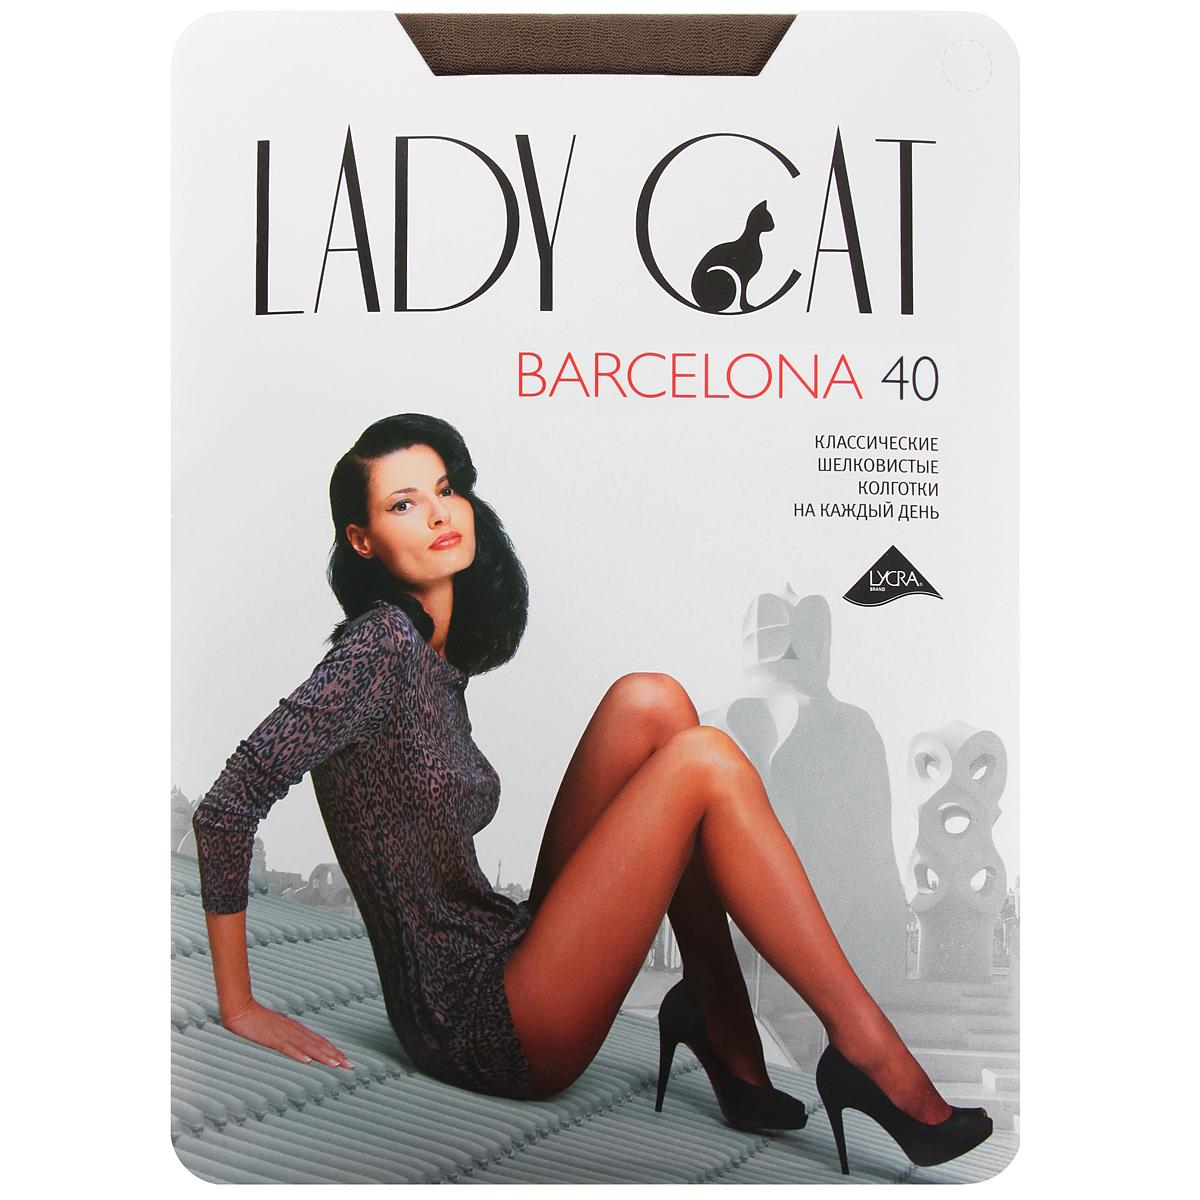 Колготки Barcelona 40Barcelona 40_Beige NatureleЭлегантные прозрачные колготки Грация Lady Cat Barcelona 40 имеют усиленный торс и уплотненный мысок. Колготки комфортно облегают и создают приятное ощущение подтянутости. 40 den. В коллекциях колготок Грация представлены модели, которые станут удачным дополнением к гардеробу любой женщины. Модели с заниженной и классической линией талии, совсем тоненькие с эффектом прохлады для жарких дней и утепленные с добавлением шерсти. Любая модница знает, что особое внимание при выборе одежки для своих ножек следует уделять фактуре изделия. В коллекции колготок Грация вы найдете и шелковистые колготки с добавлением лайкры, которые окутают ваши ножки легким мерцанием, и более строгие матовые модели. Но главная особенность колготок Грация - их практичность: они устойчивы к появлению затяжек и очень прочны. В особенно уязвимых зонах многие модели специально уплотнены, что обеспечивает дополнительную защиту.